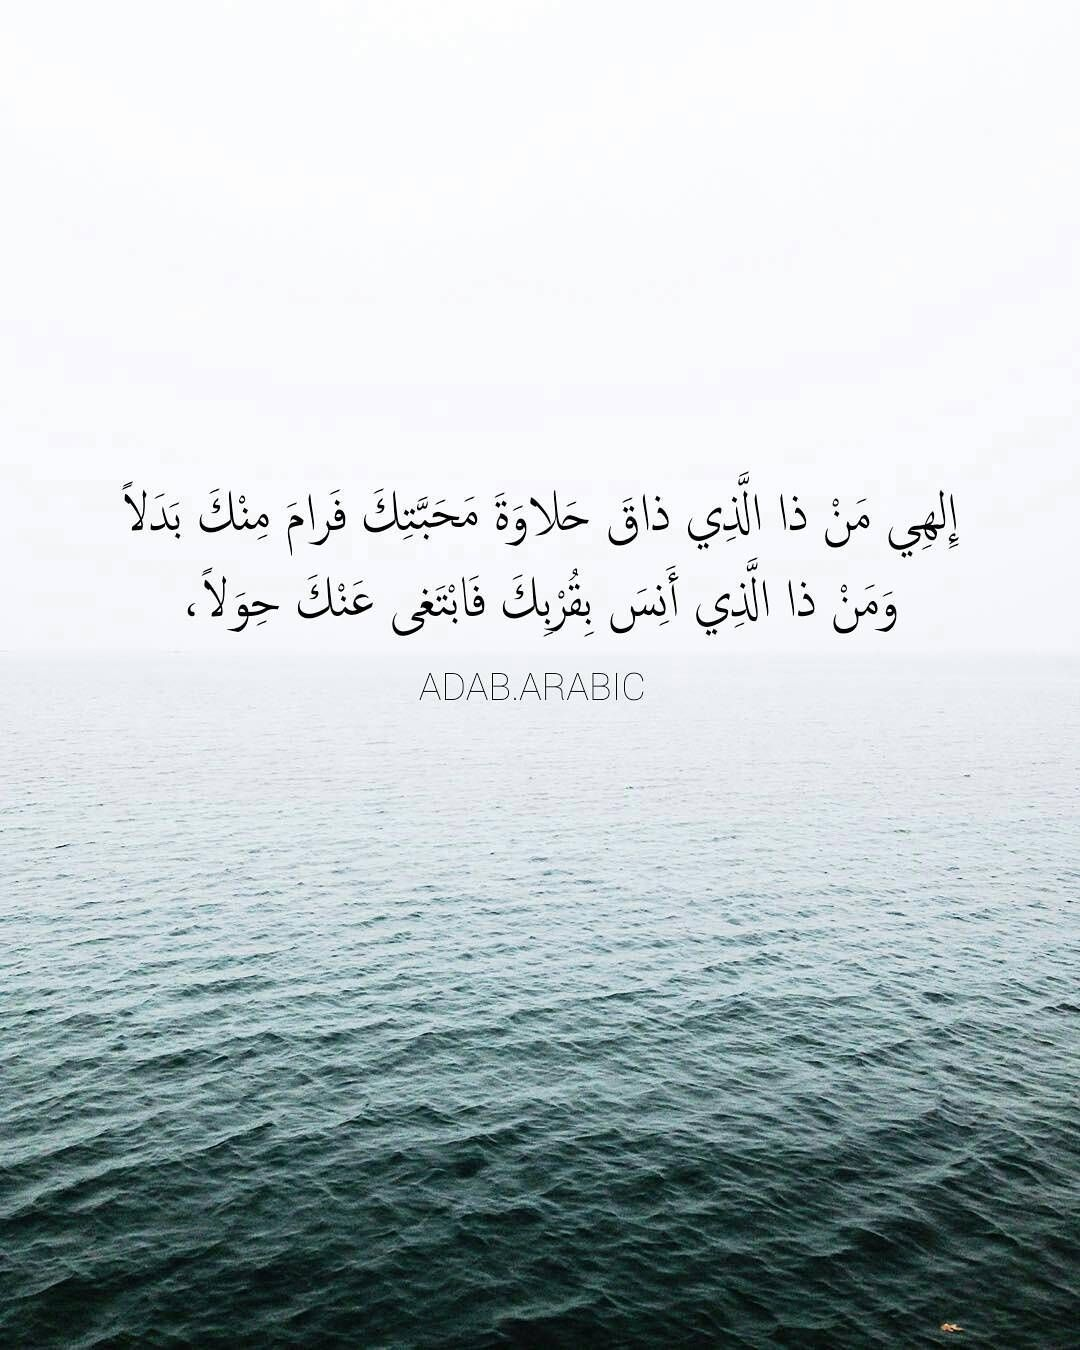 أدب عربي On Instagram يارب دعاء اياد شاكر Sweet Words Quotes Words